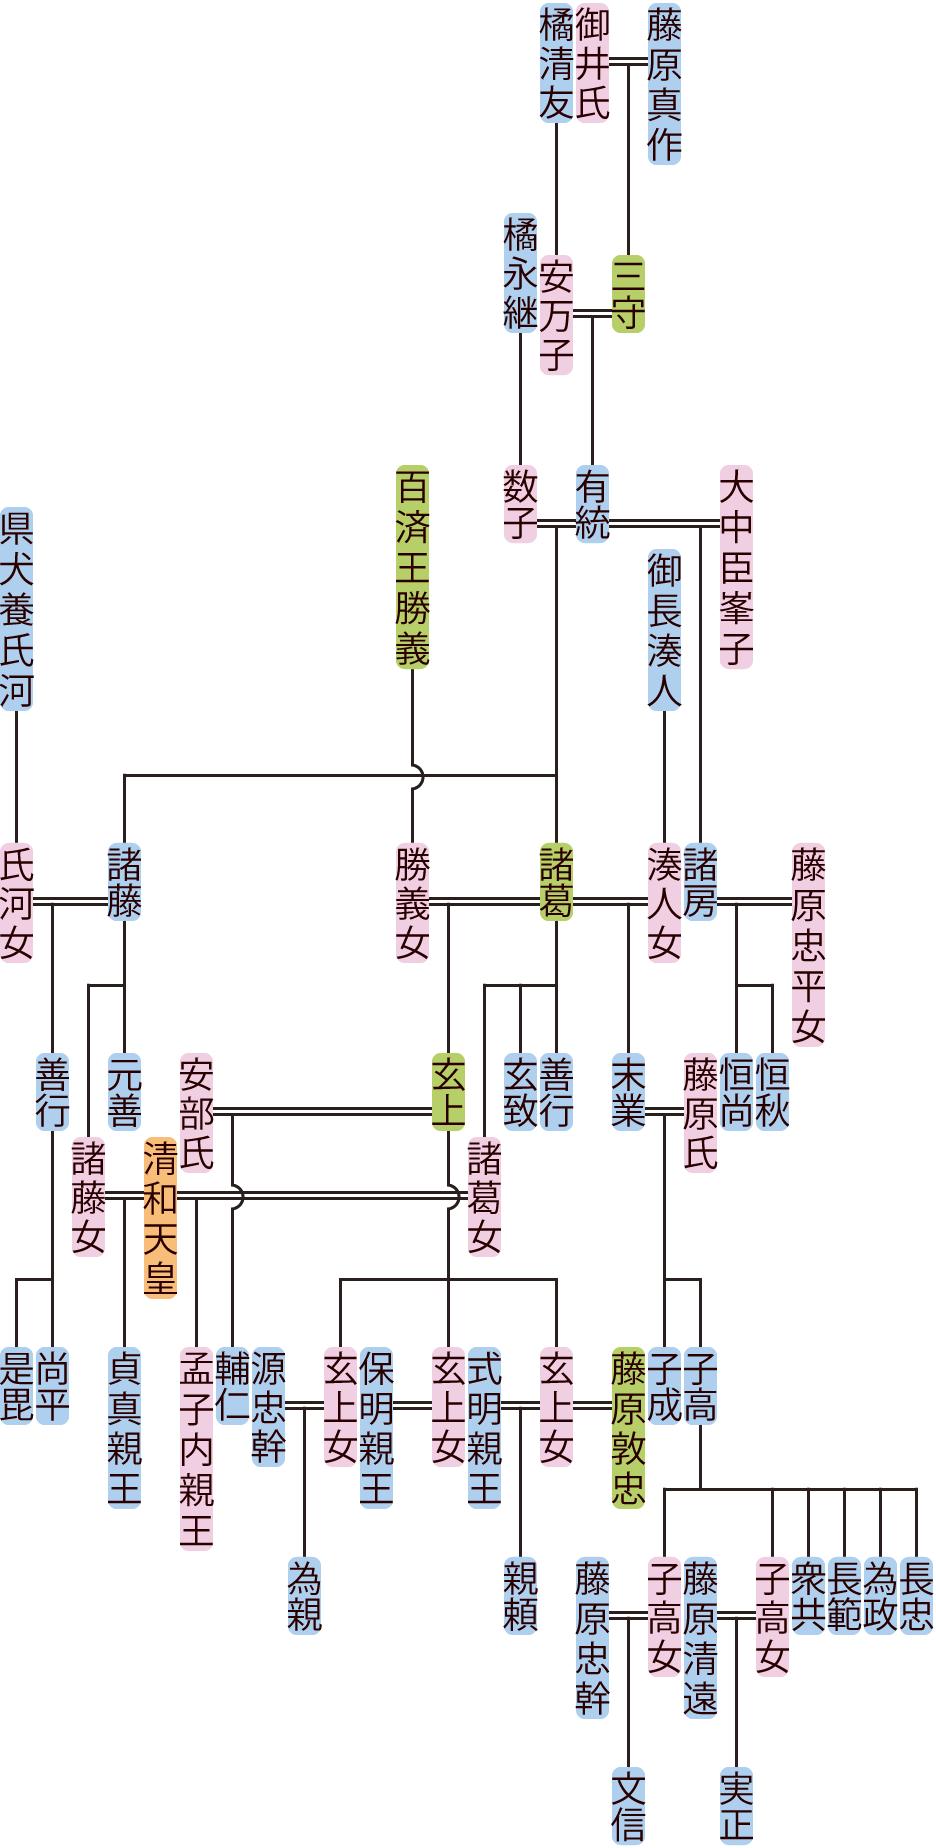 藤原有統の系図